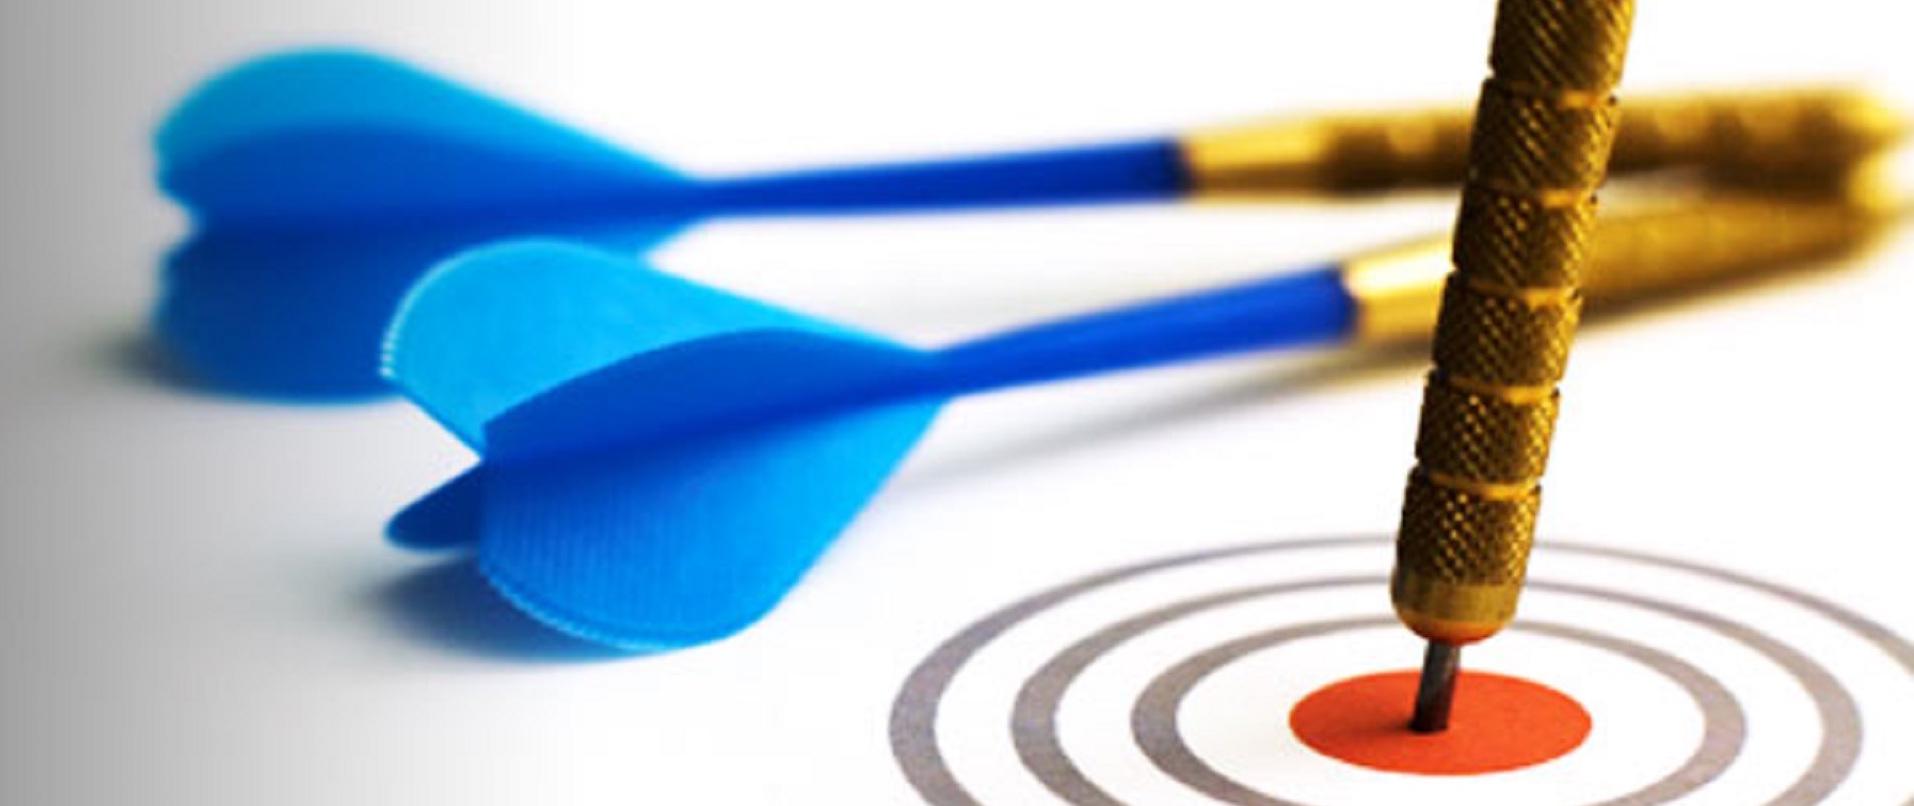 utilizzare-gli-obiettivi-intelligenti-per-misurare-le-conversioni-adwords